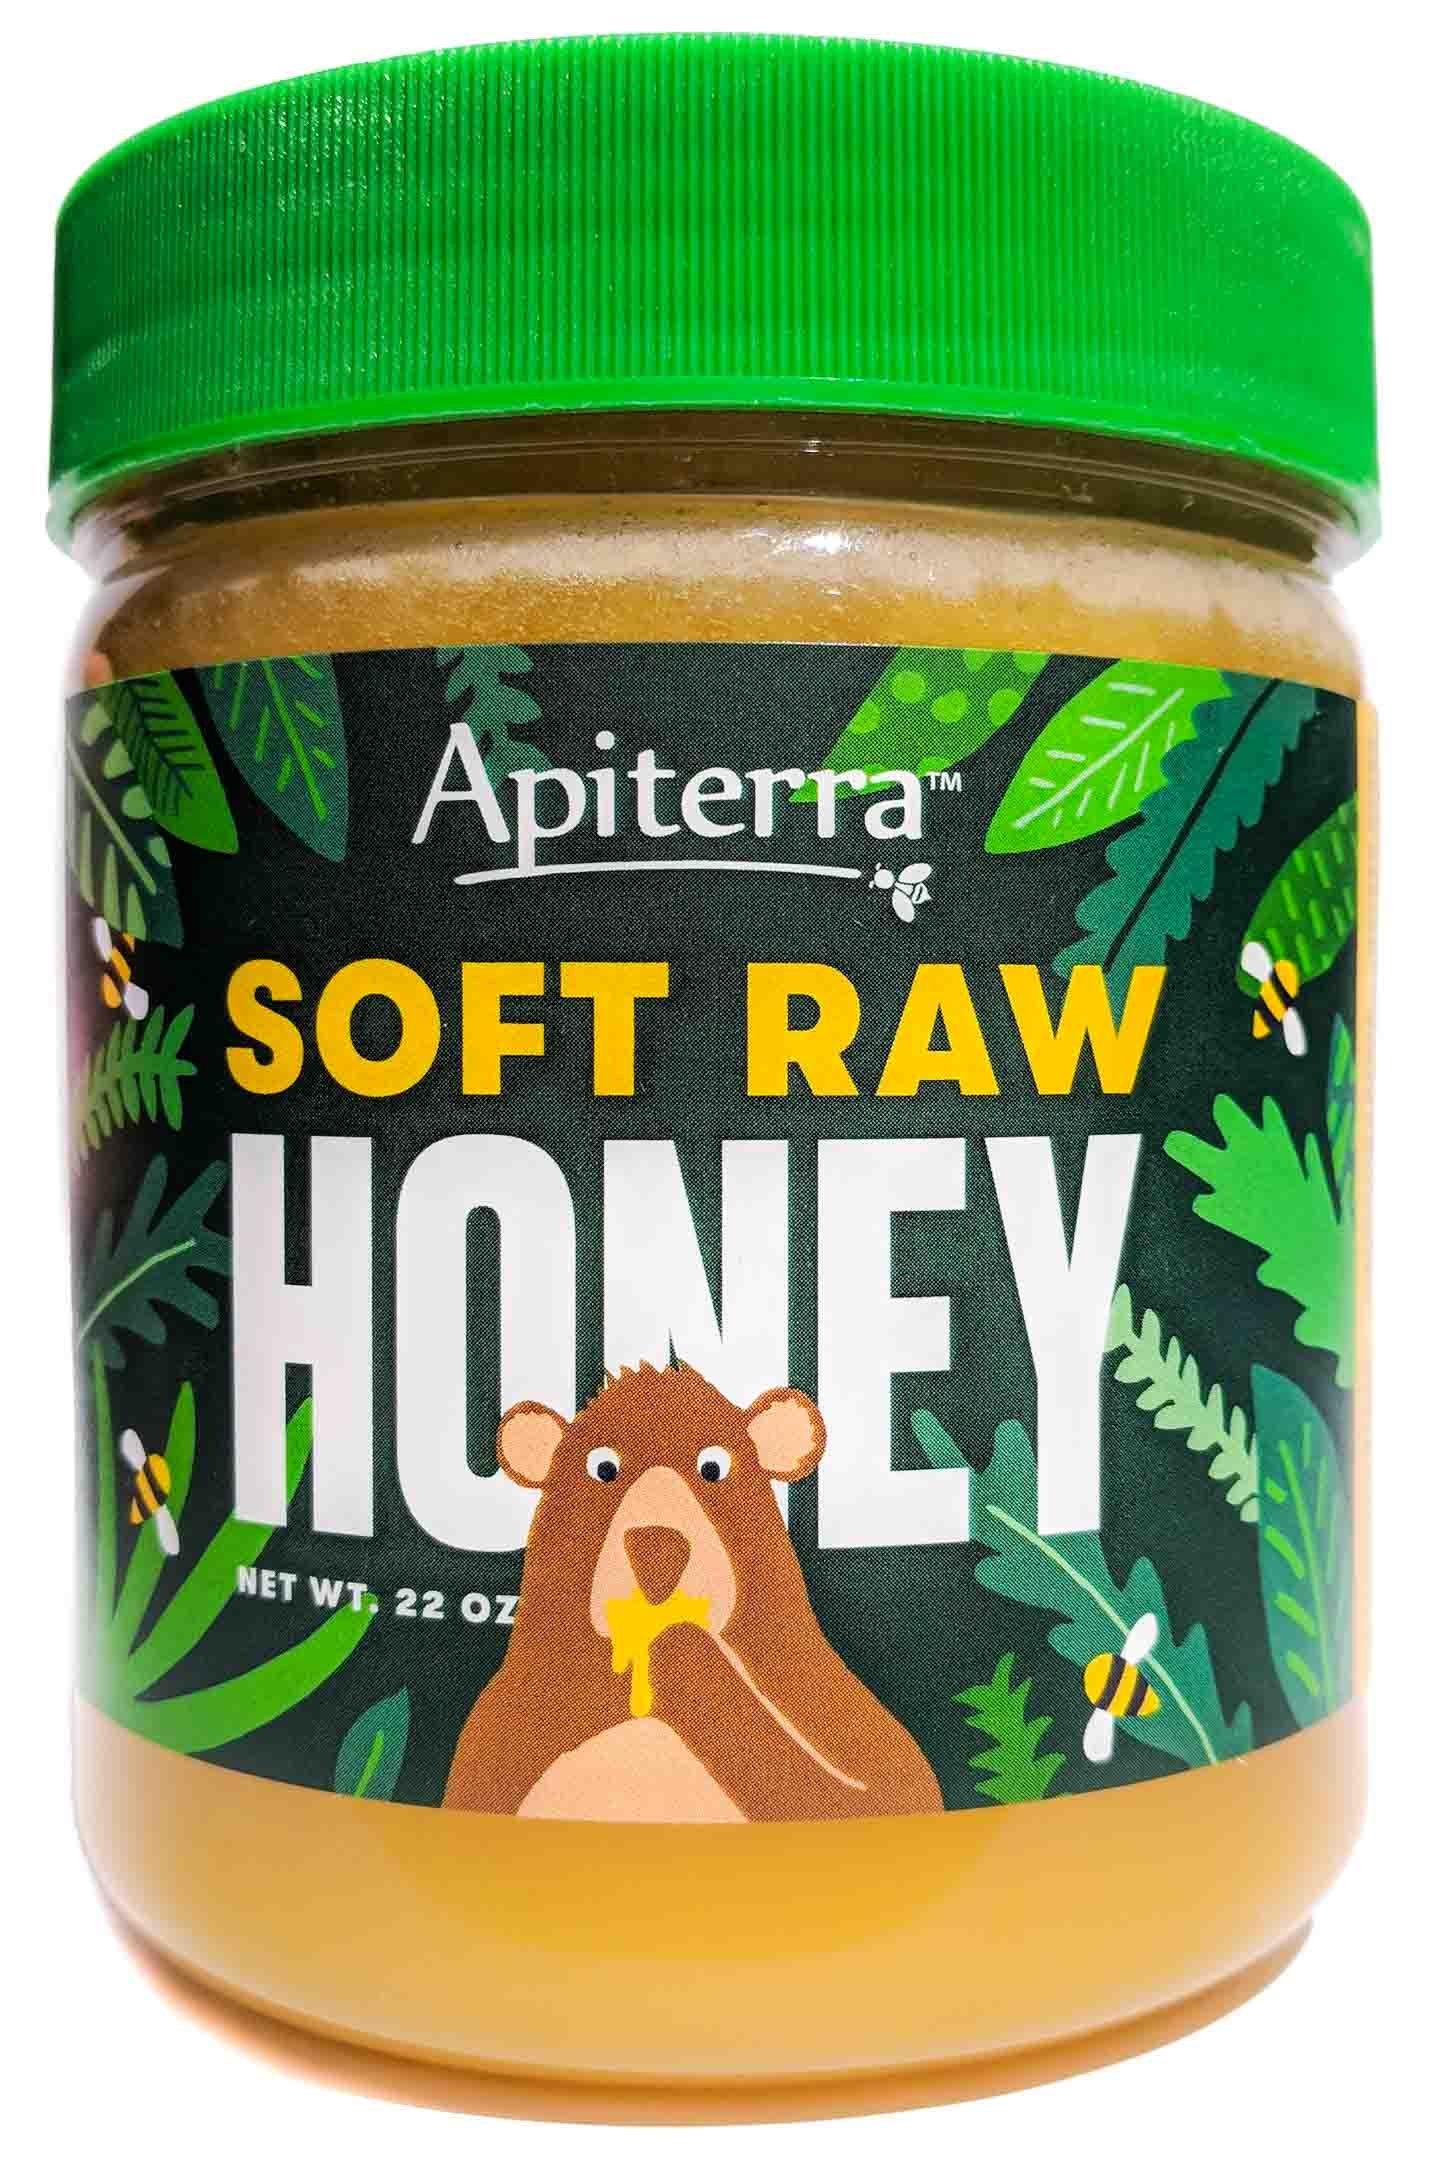 Soft Raw Honey by Apiterra